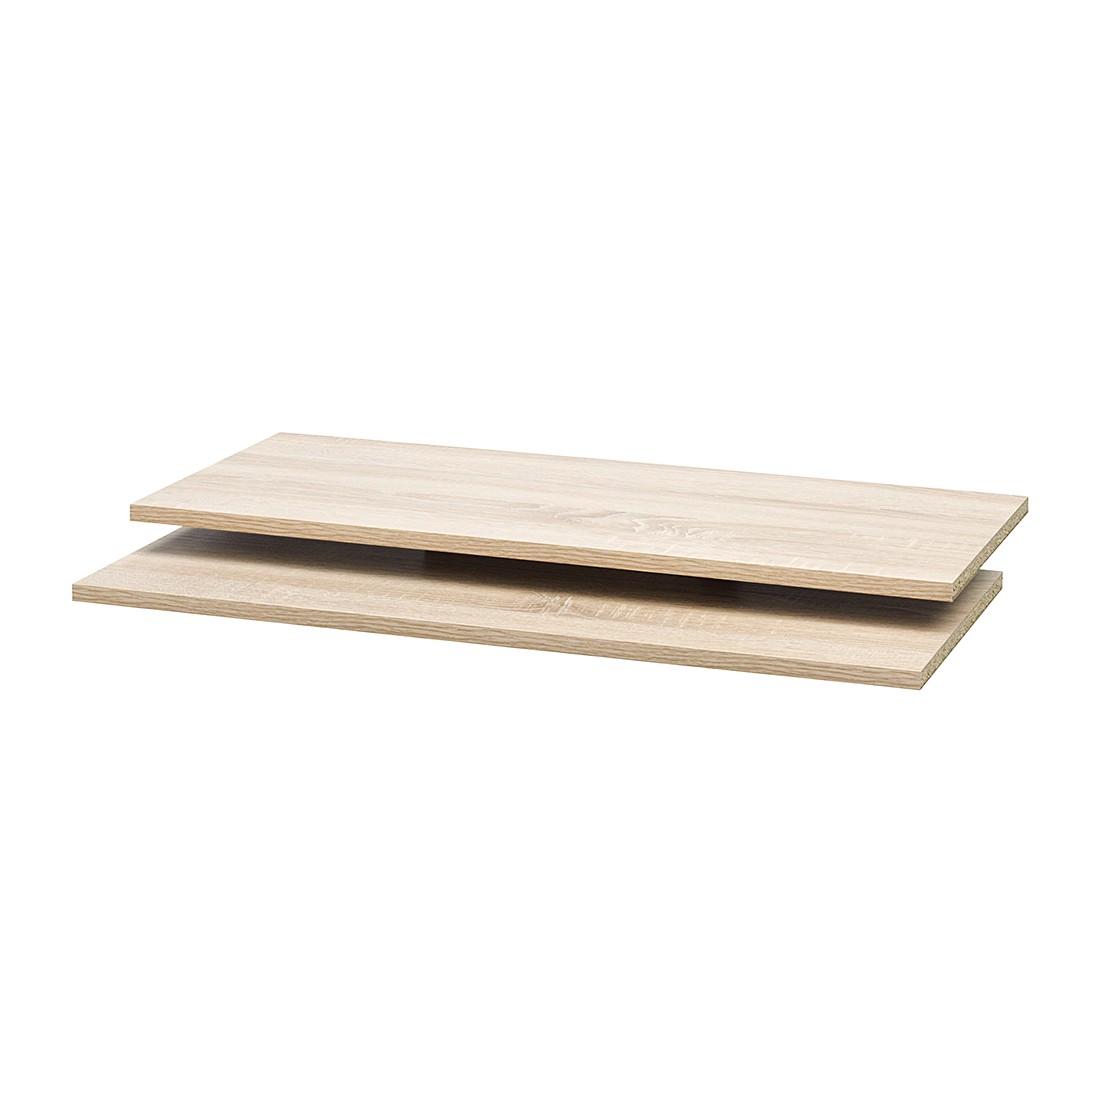 Home 24 - Tablette soft smart i (lot de 2) - imitation chêne - pour 120 cm de largeur / 42 cm de profondeur, cs schmal